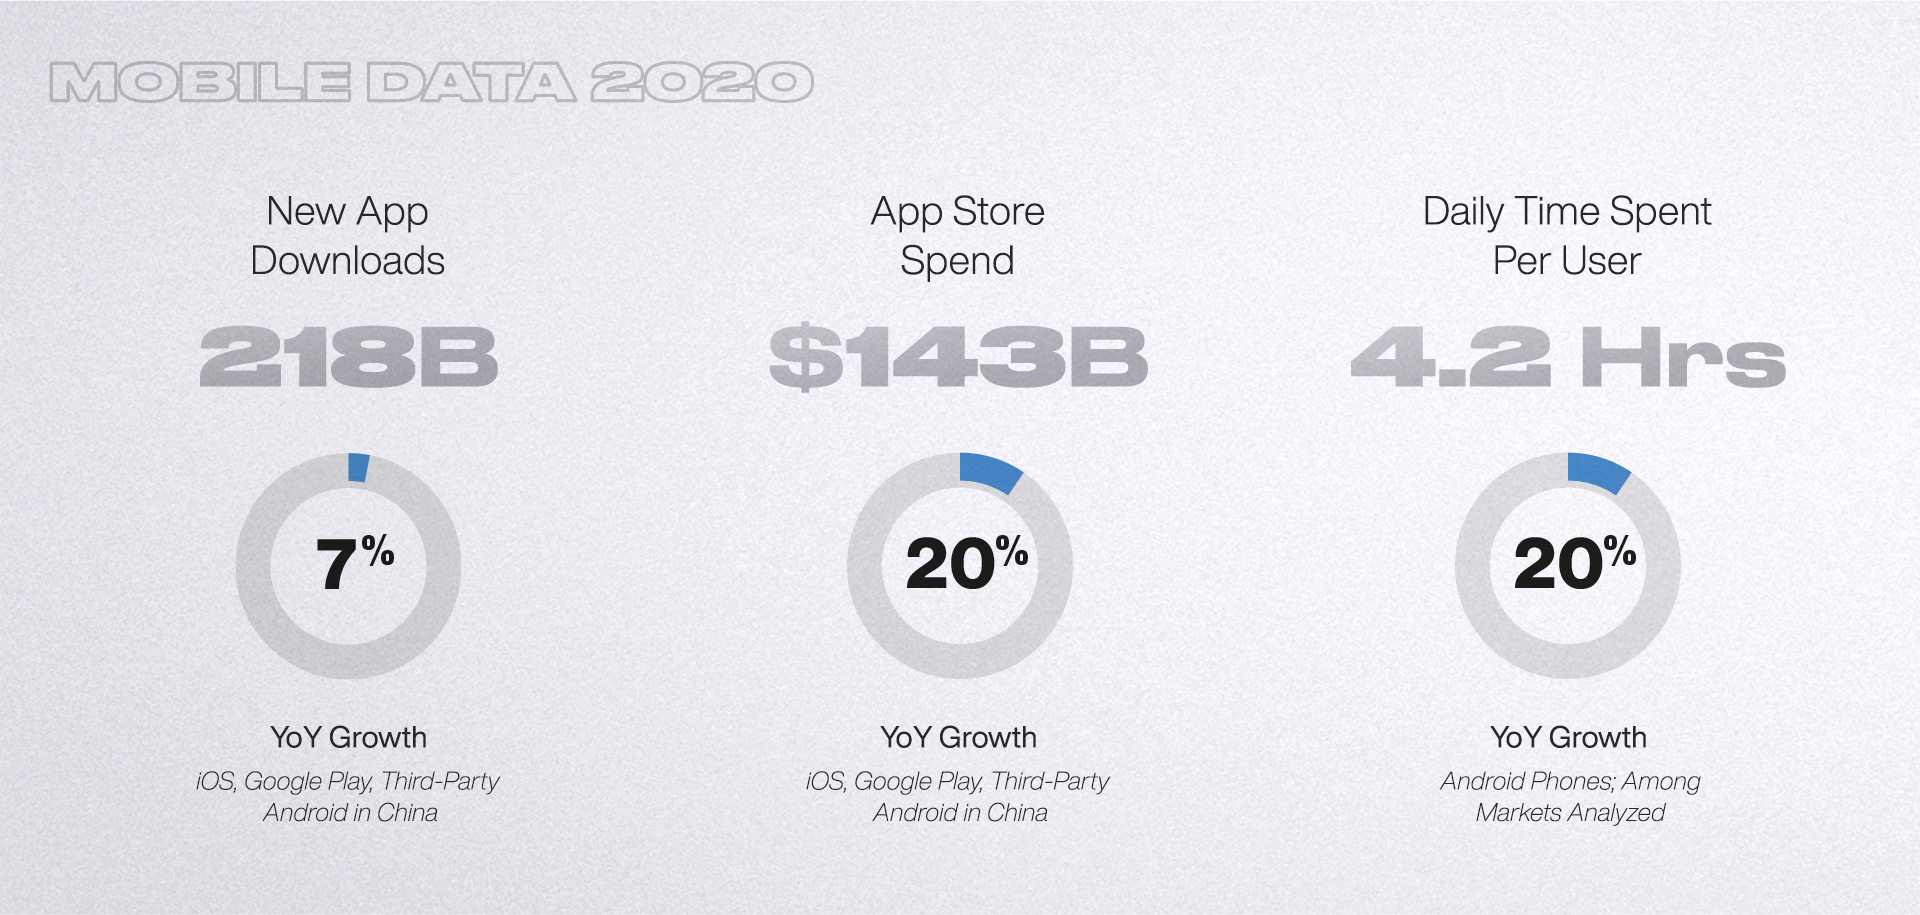 Mobile data 2020